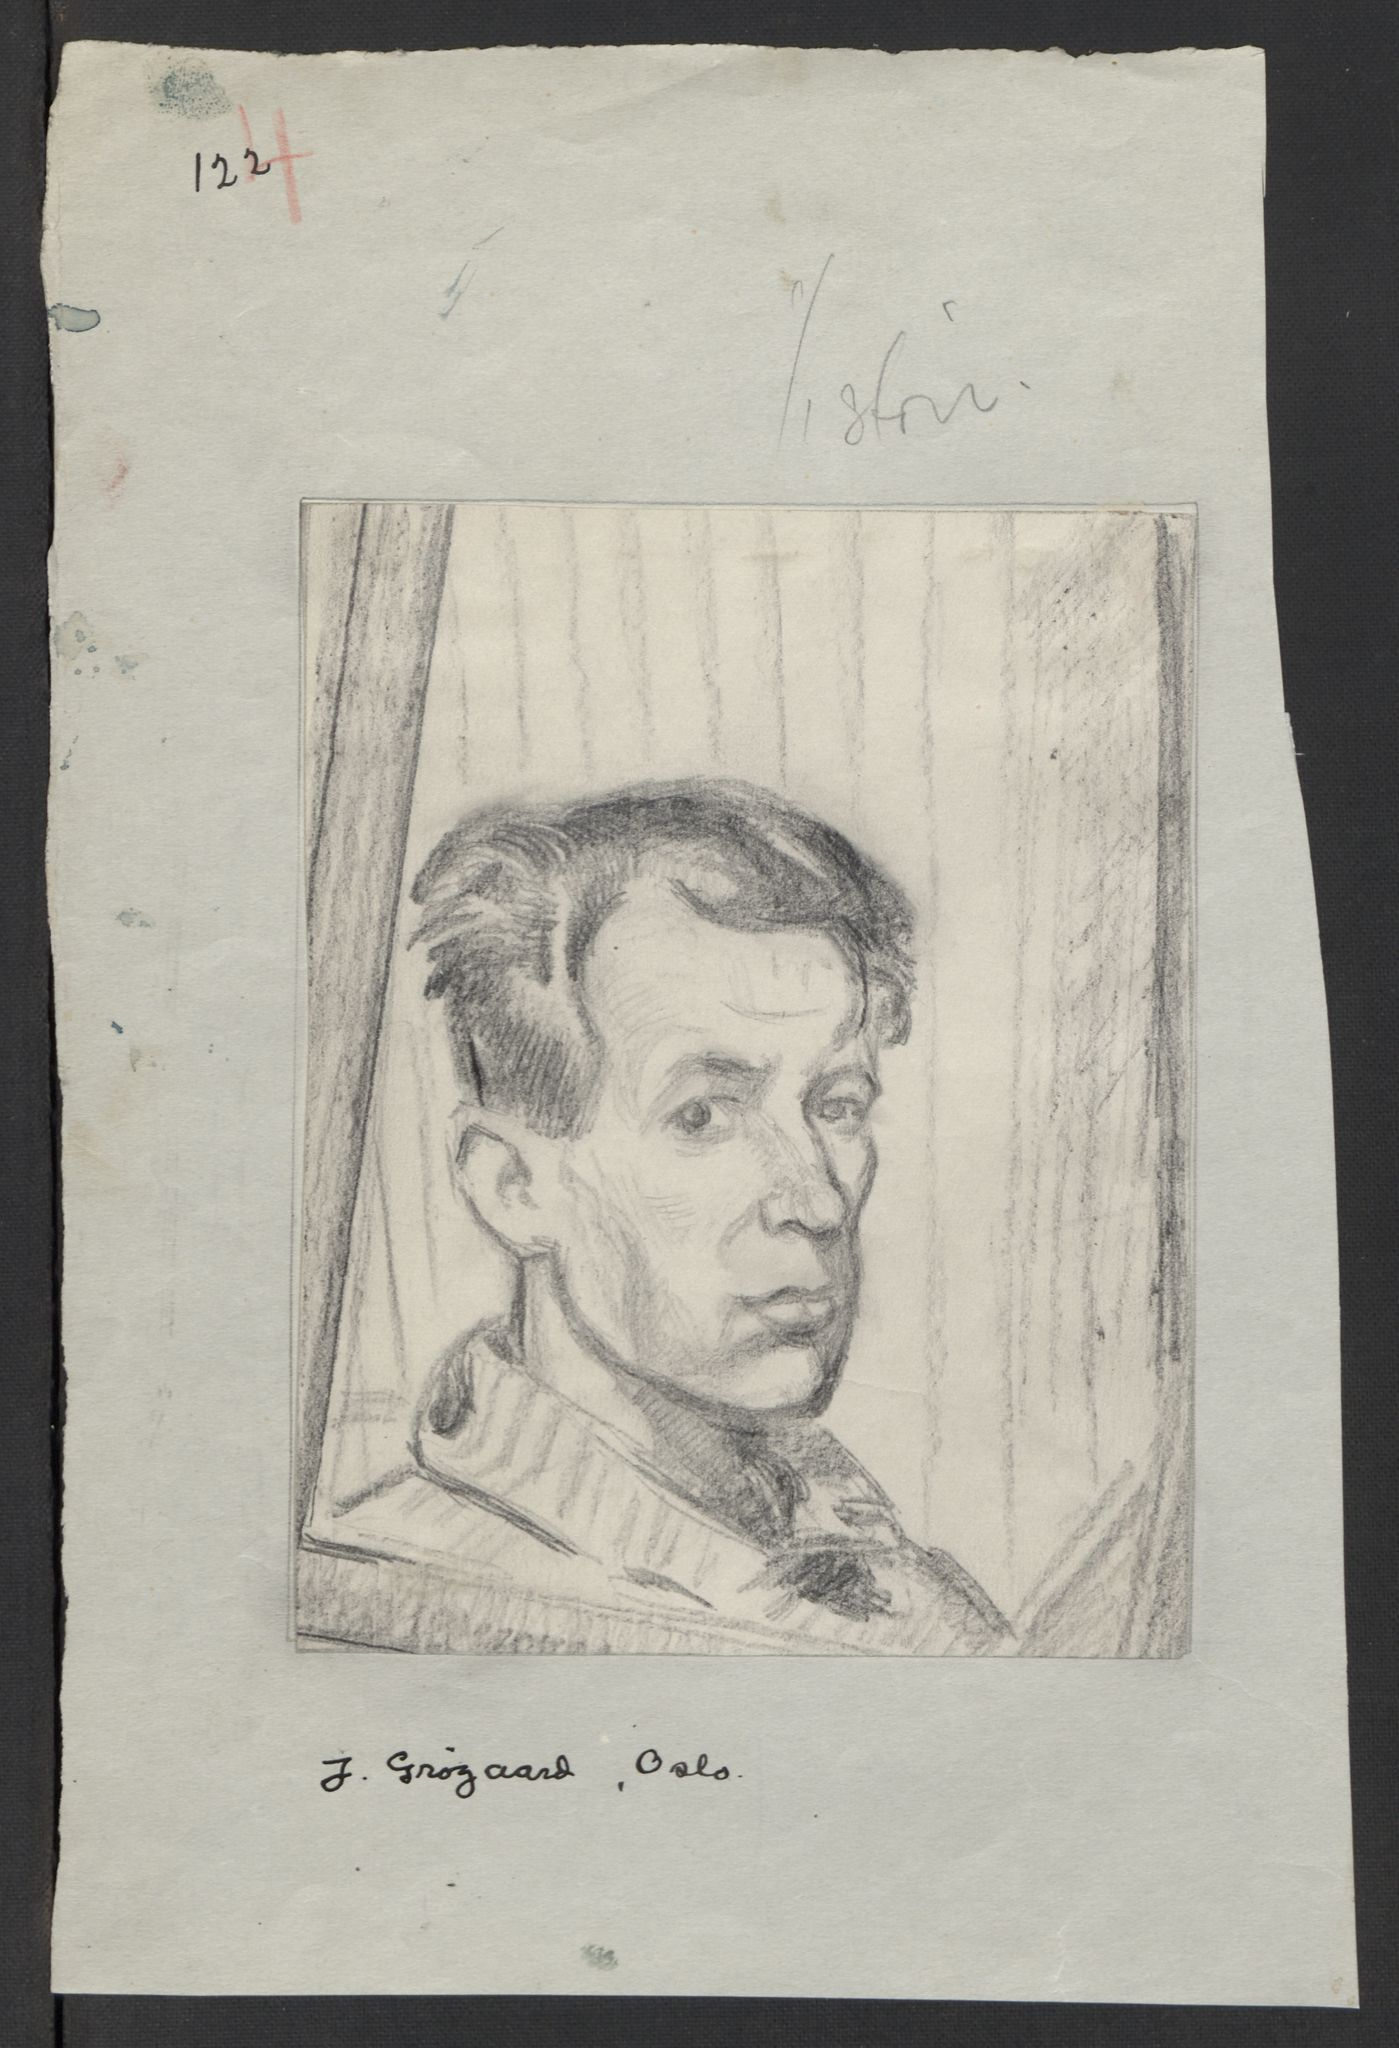 RA, Grøgaard, Joachim, F/L0001: Personalia, dagbøker, tegninger, 1945-1946, s. 185